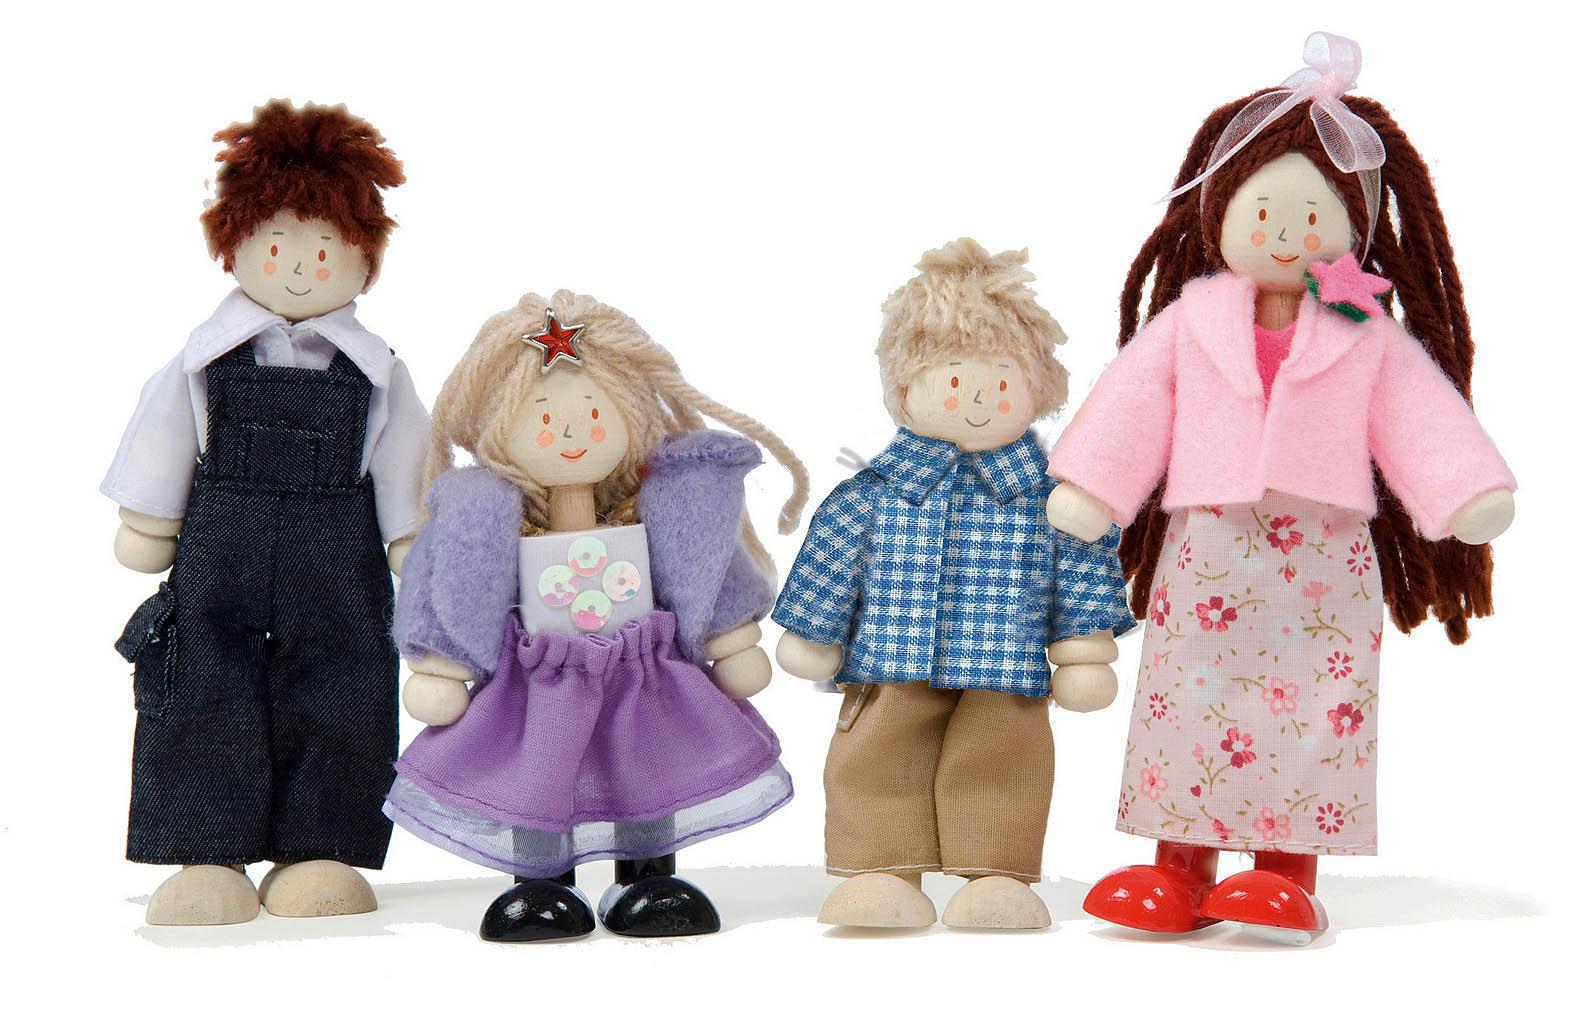 Куклы в наборе «Кукольная семья»Кукольные домики<br>Куклы в наборе «Кукольная семья»<br>